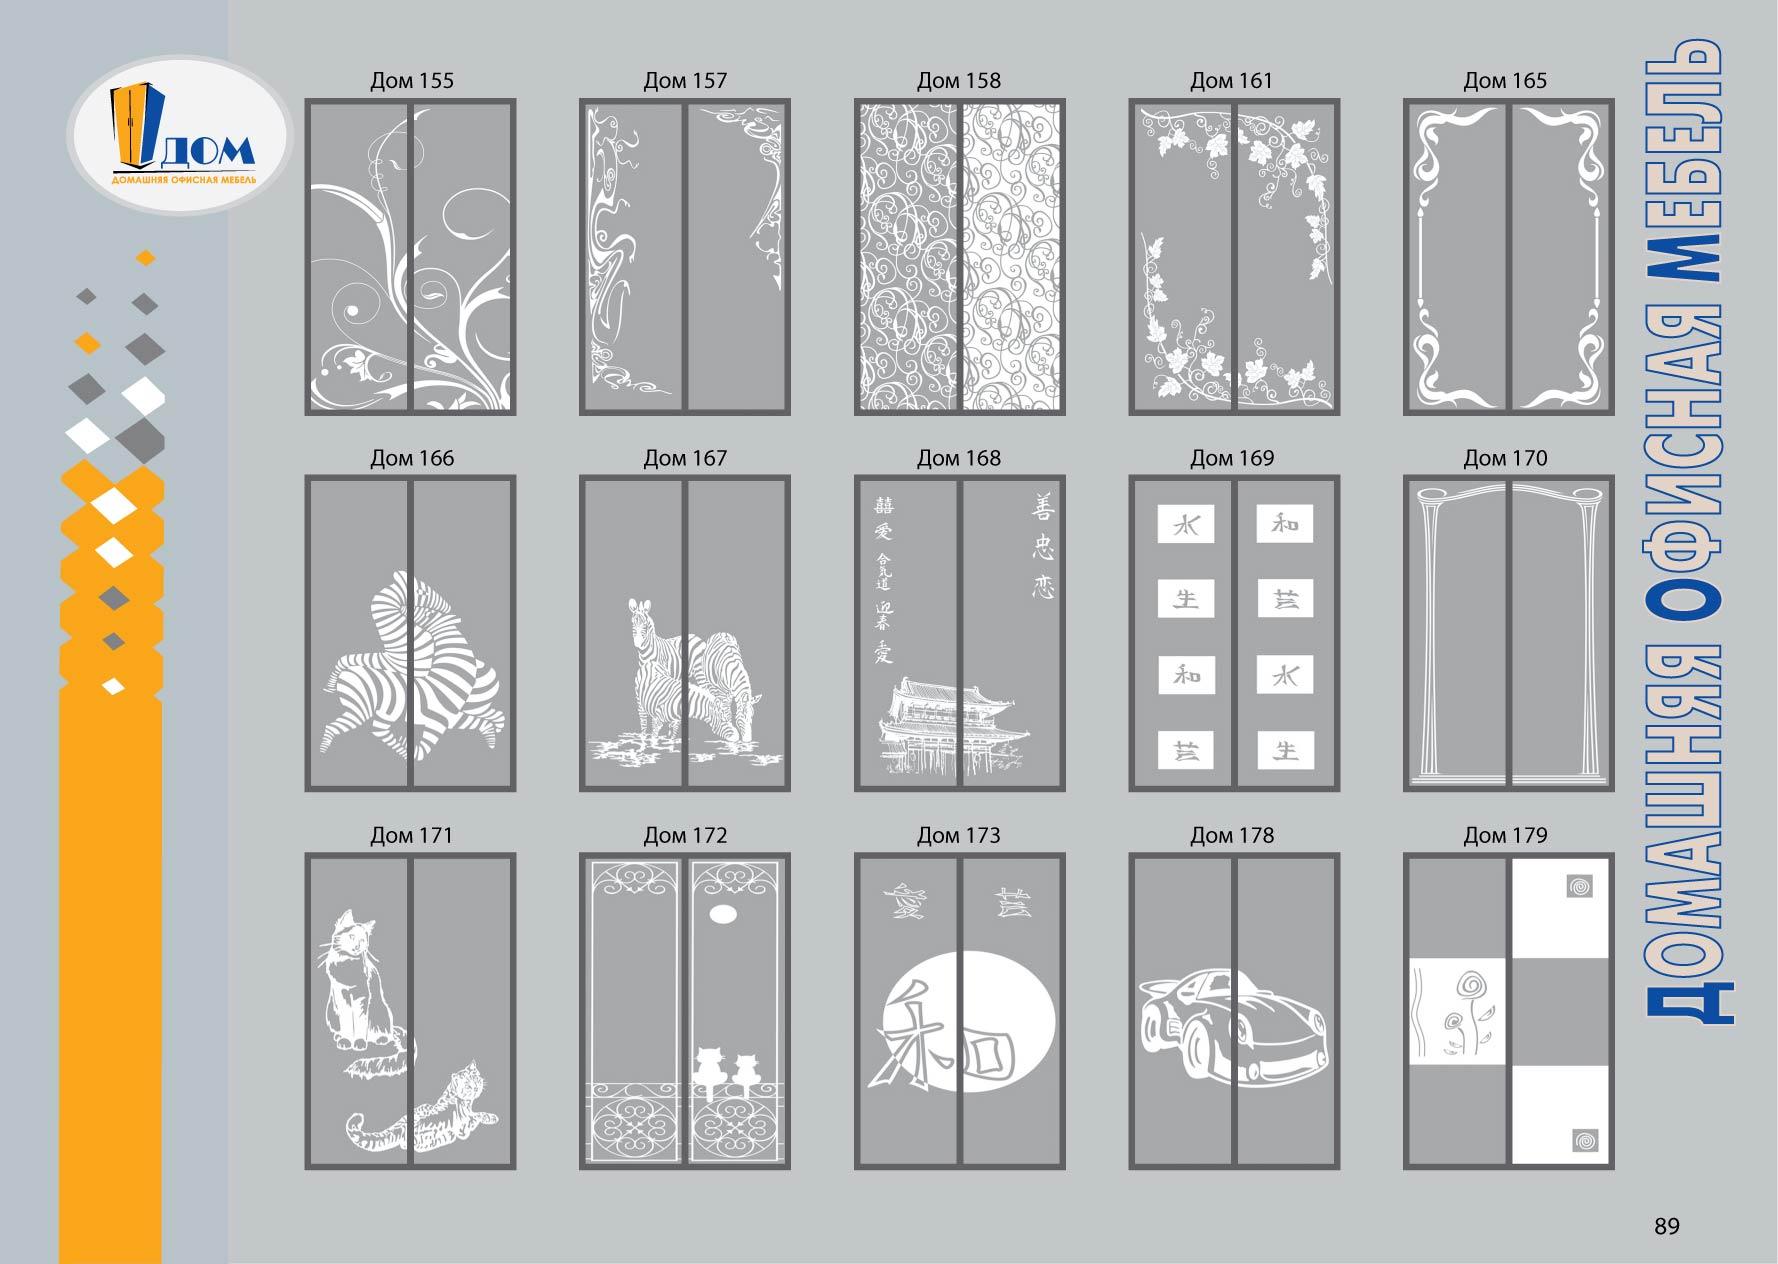 Купить пескоструйные изображения для шкафов-купе виват шкафы.